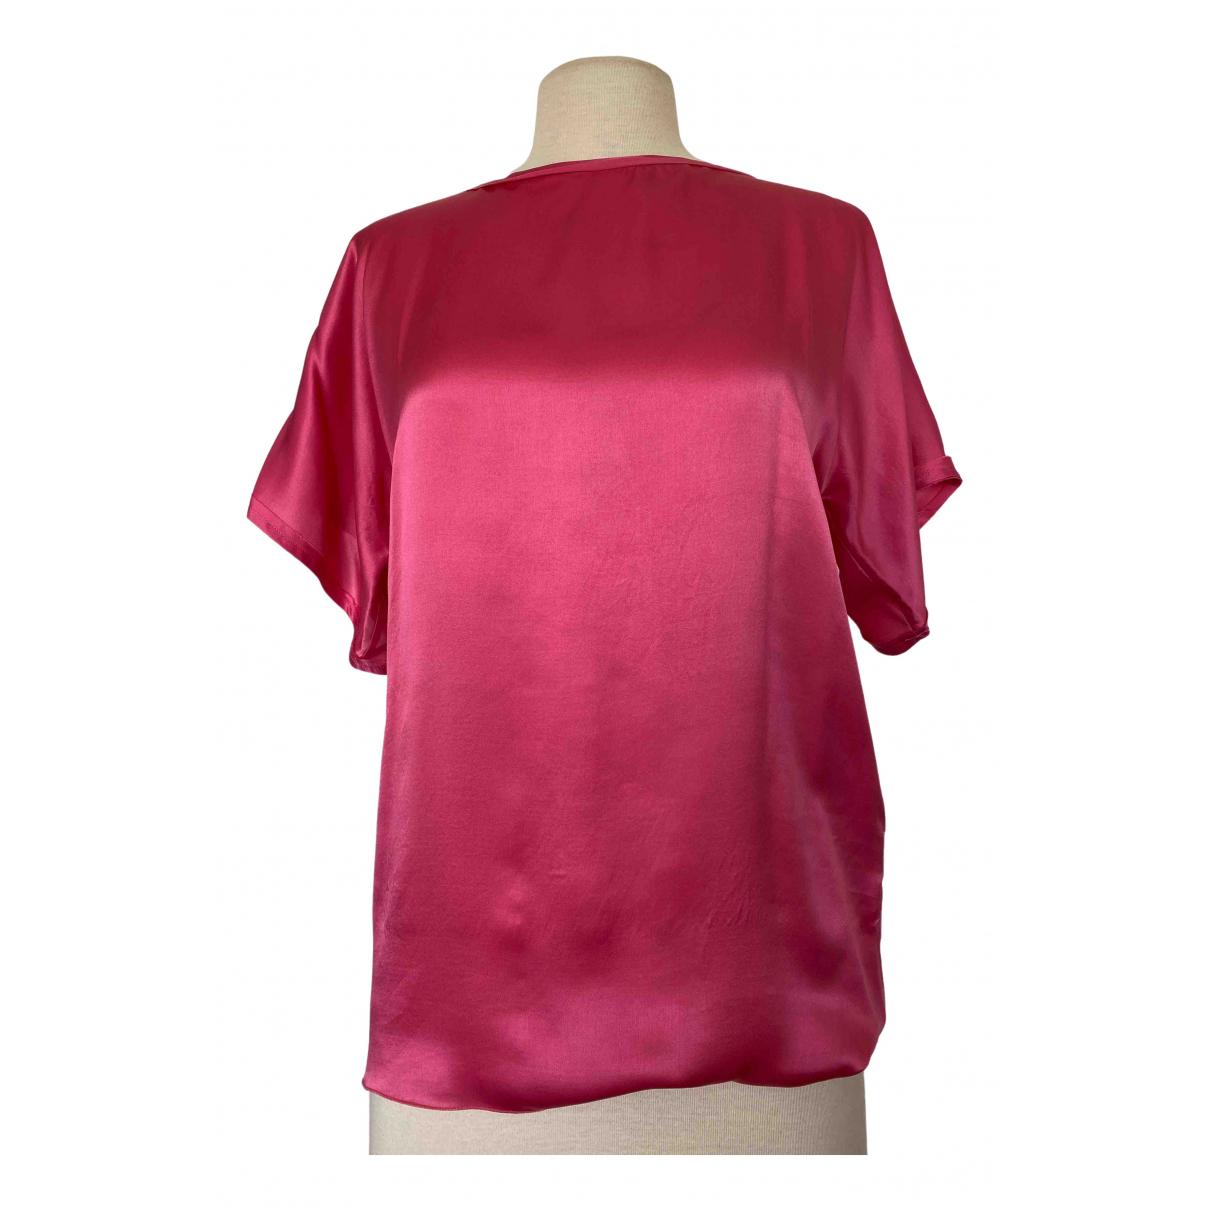 Lanvin - Top   pour femme en soie - rose